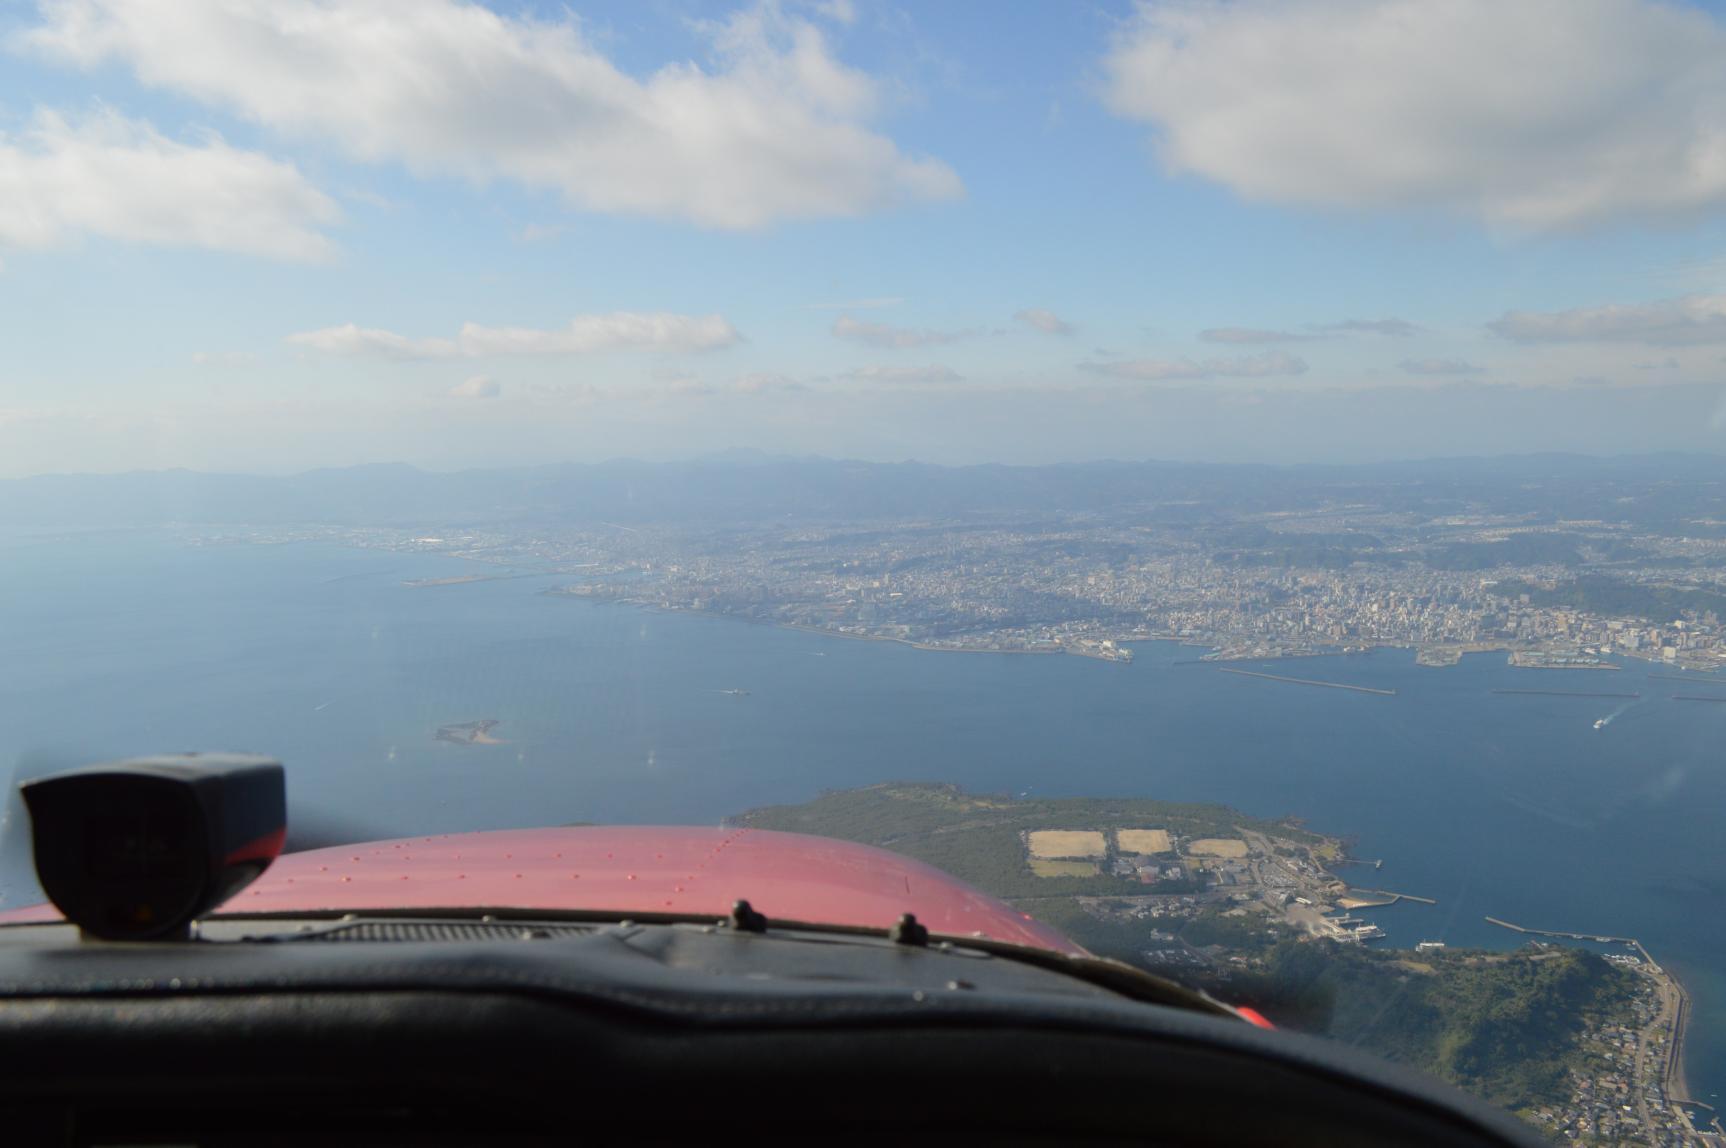 いざ、鹿児島の大空へ!パノラマの景色を楽しもう-2